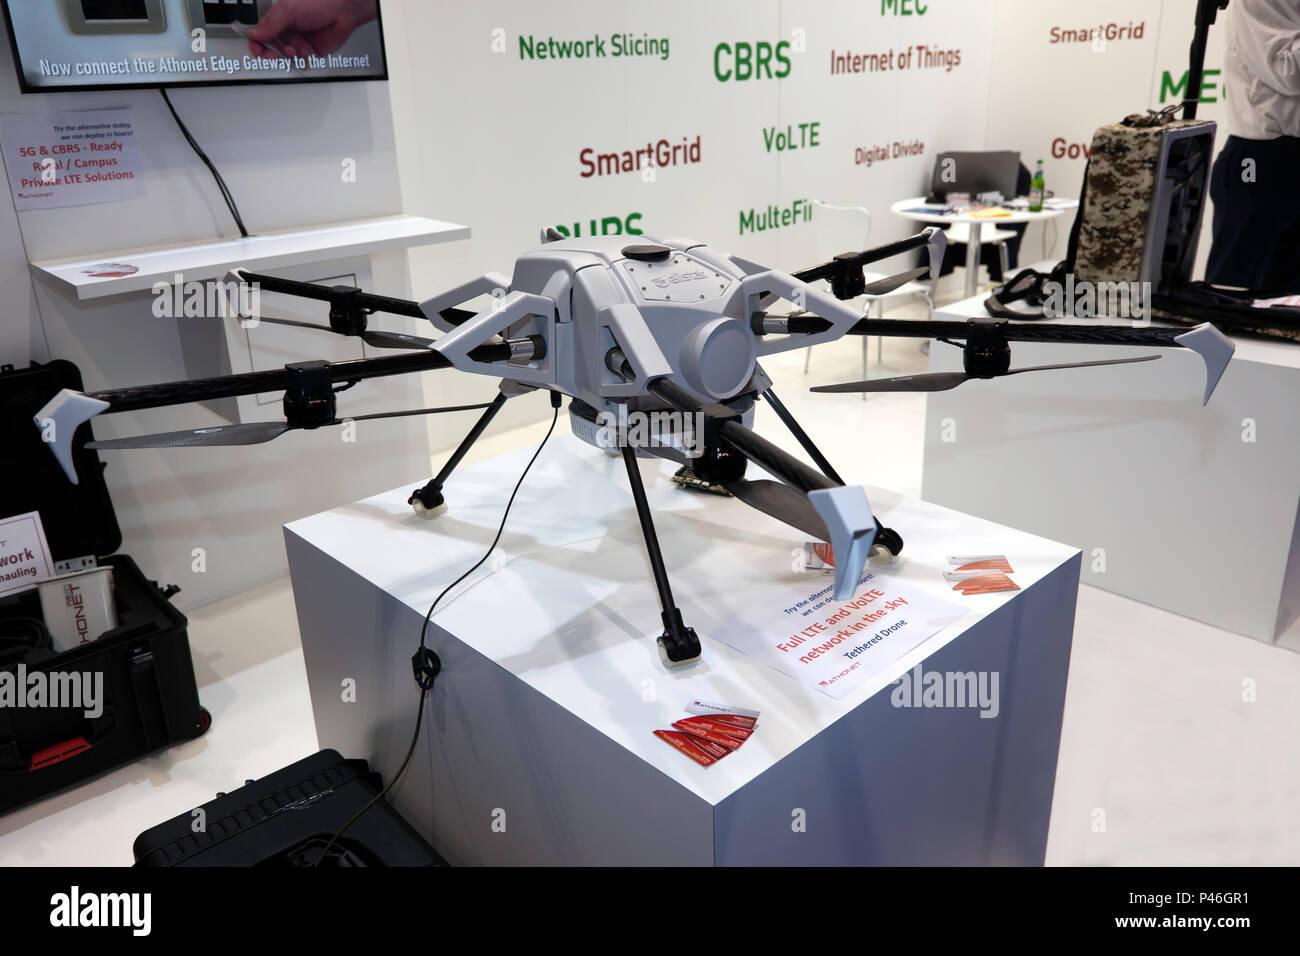 Un sistema Drone elistair atados para aplicaciones militares y comerciales, ofreciendo una completa red LTE y VoLTE en el cielo. Imagen De Stock